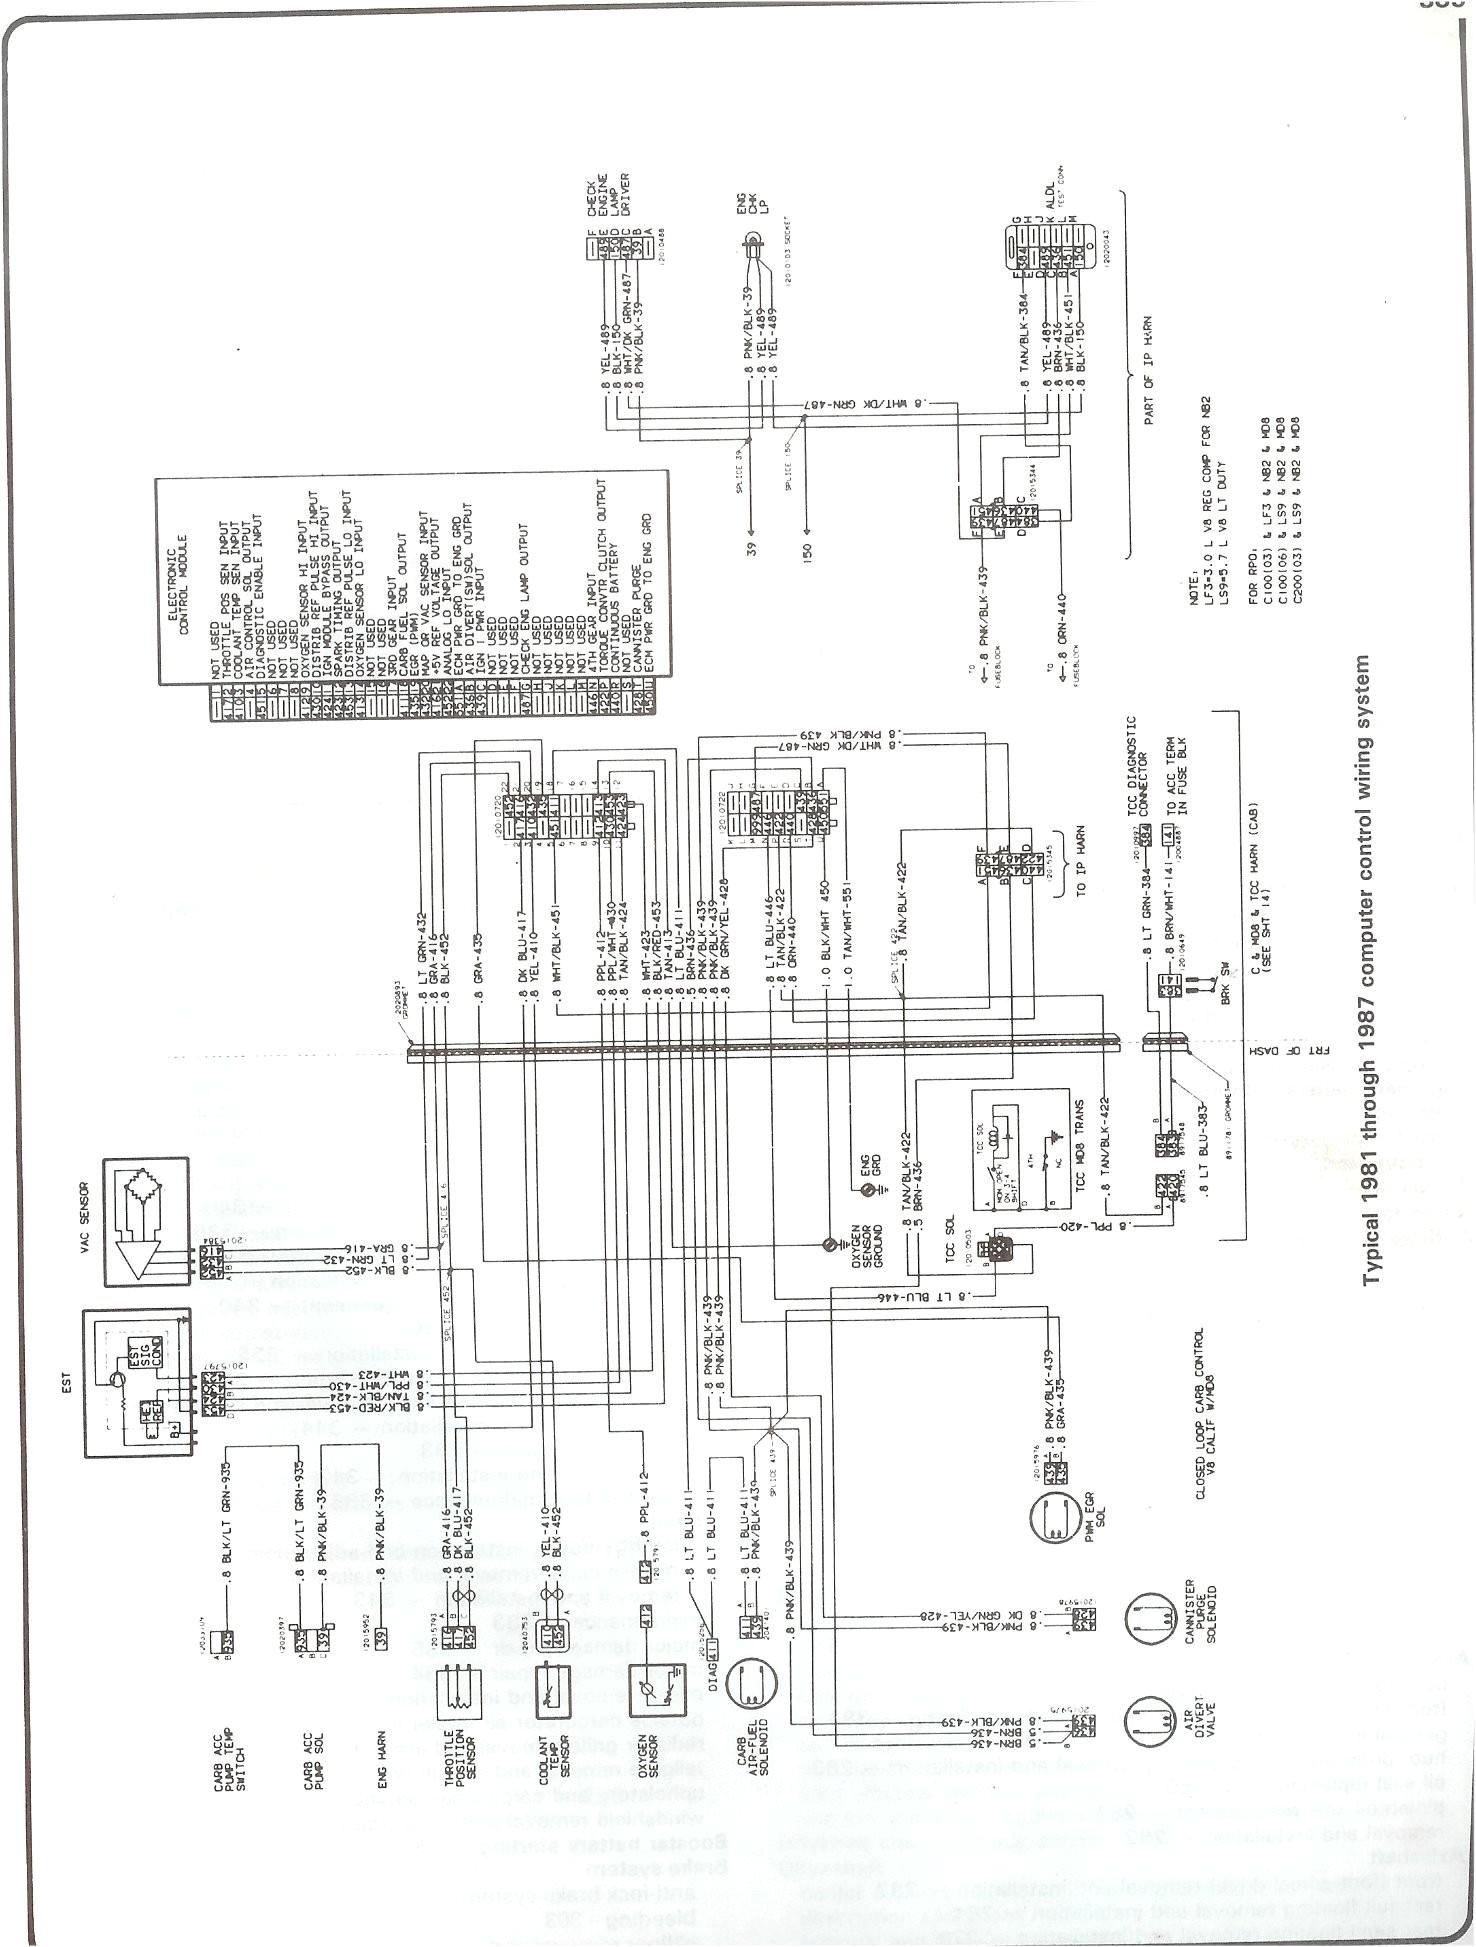 2004 chevy silverado instrument cluster wiring diagram plete 73 87 diagrams rh forum 87chevytrucks 1966 wire harness a 1998 gauge jpg